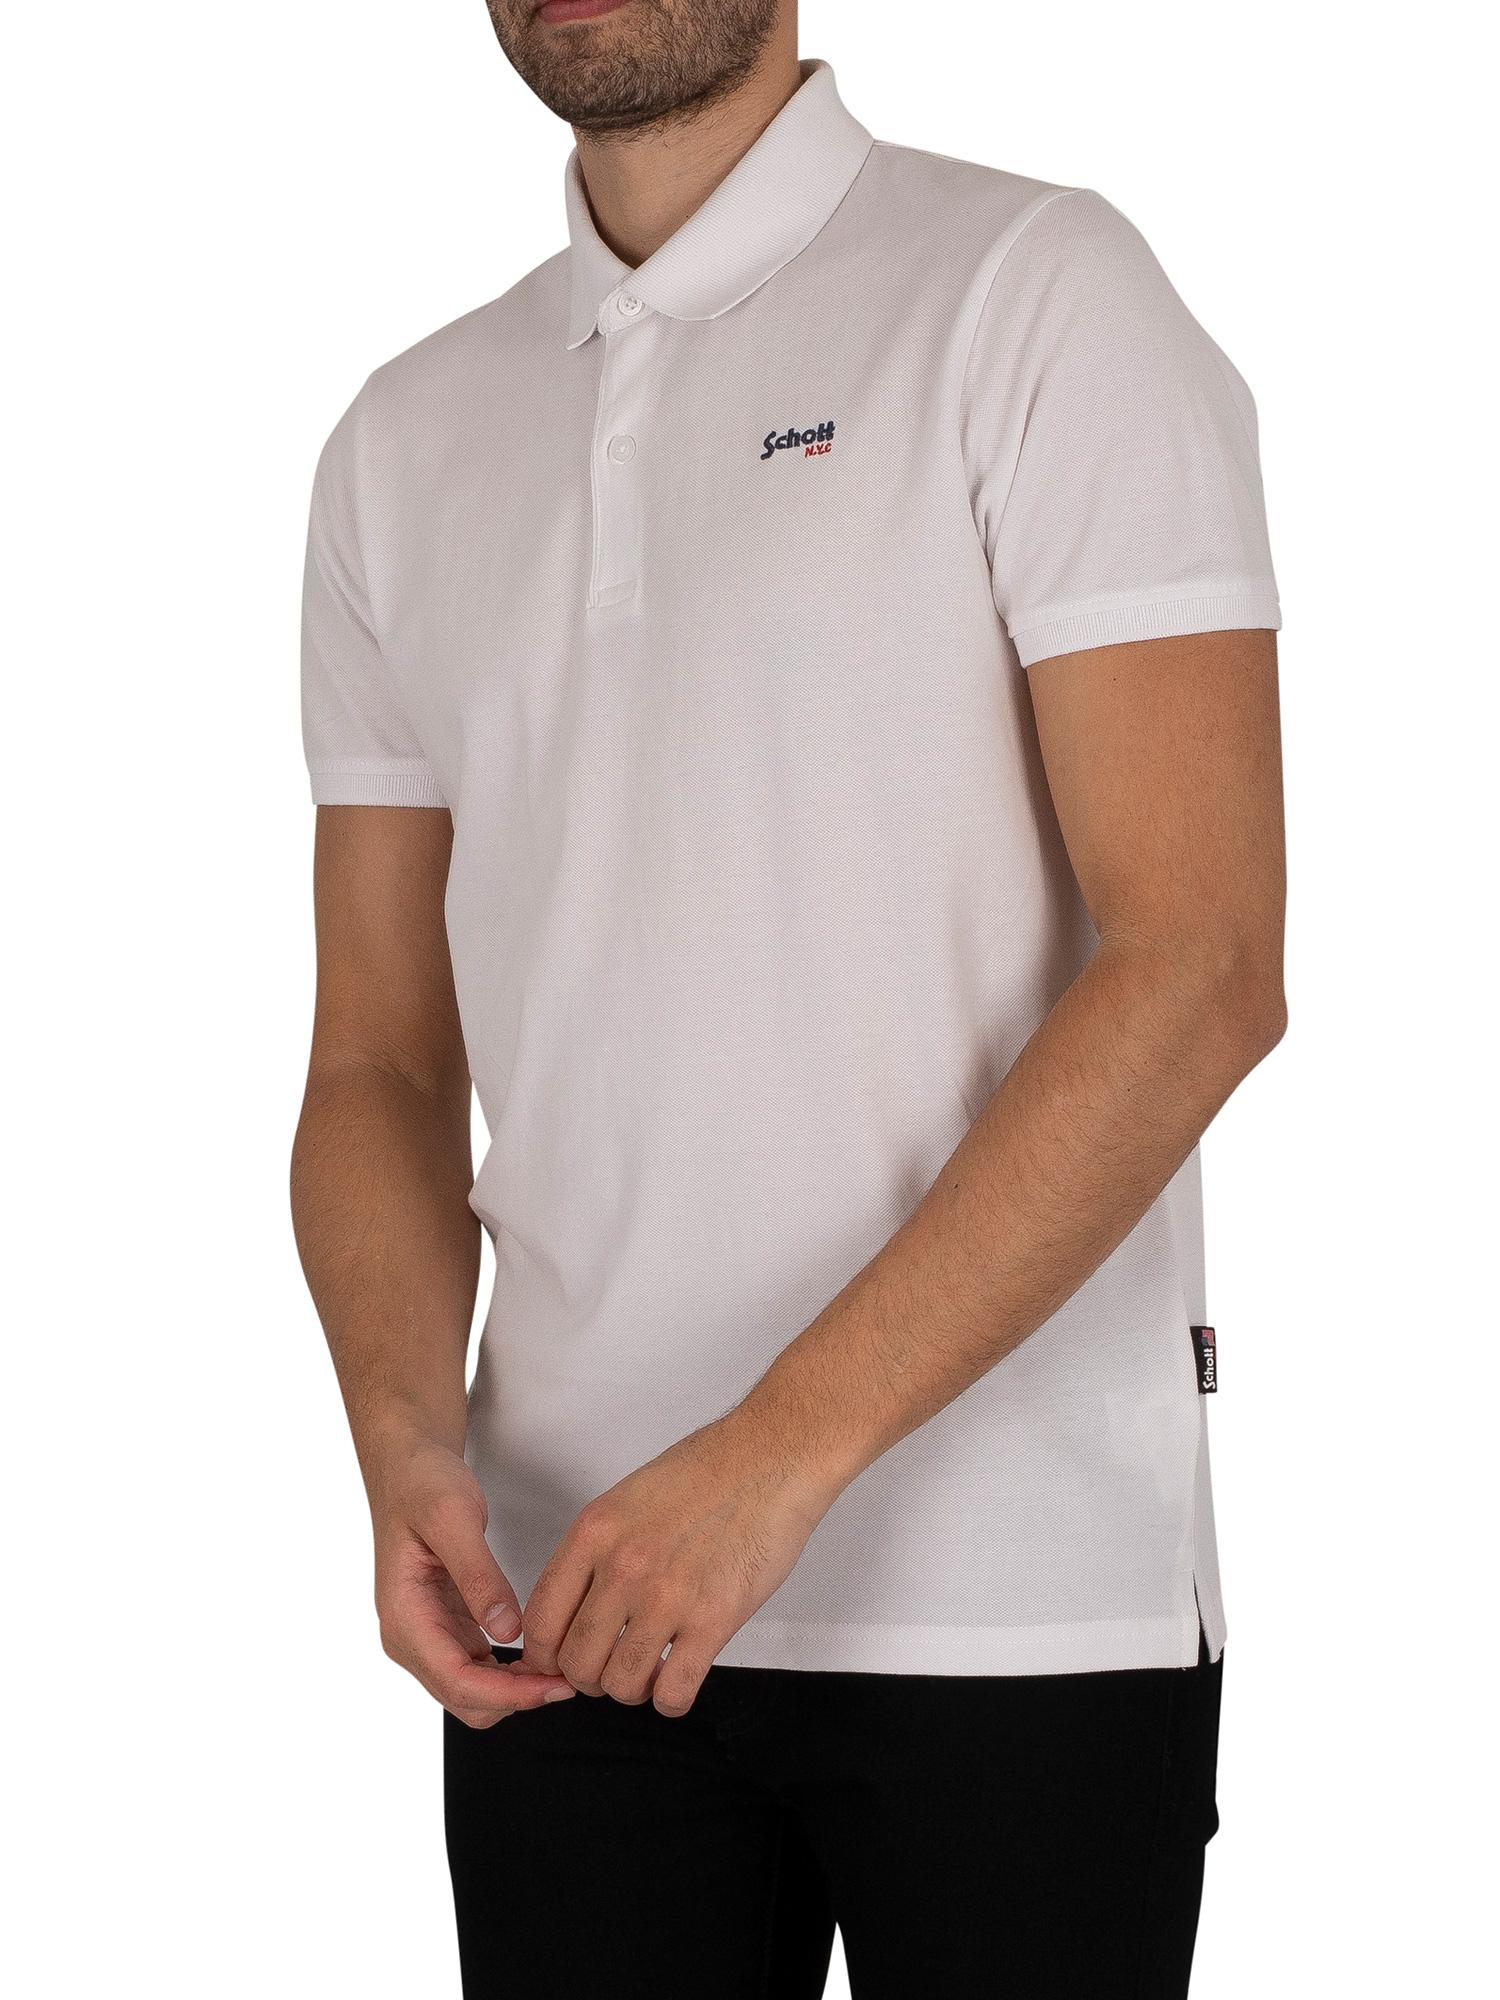 James Polo Shirt